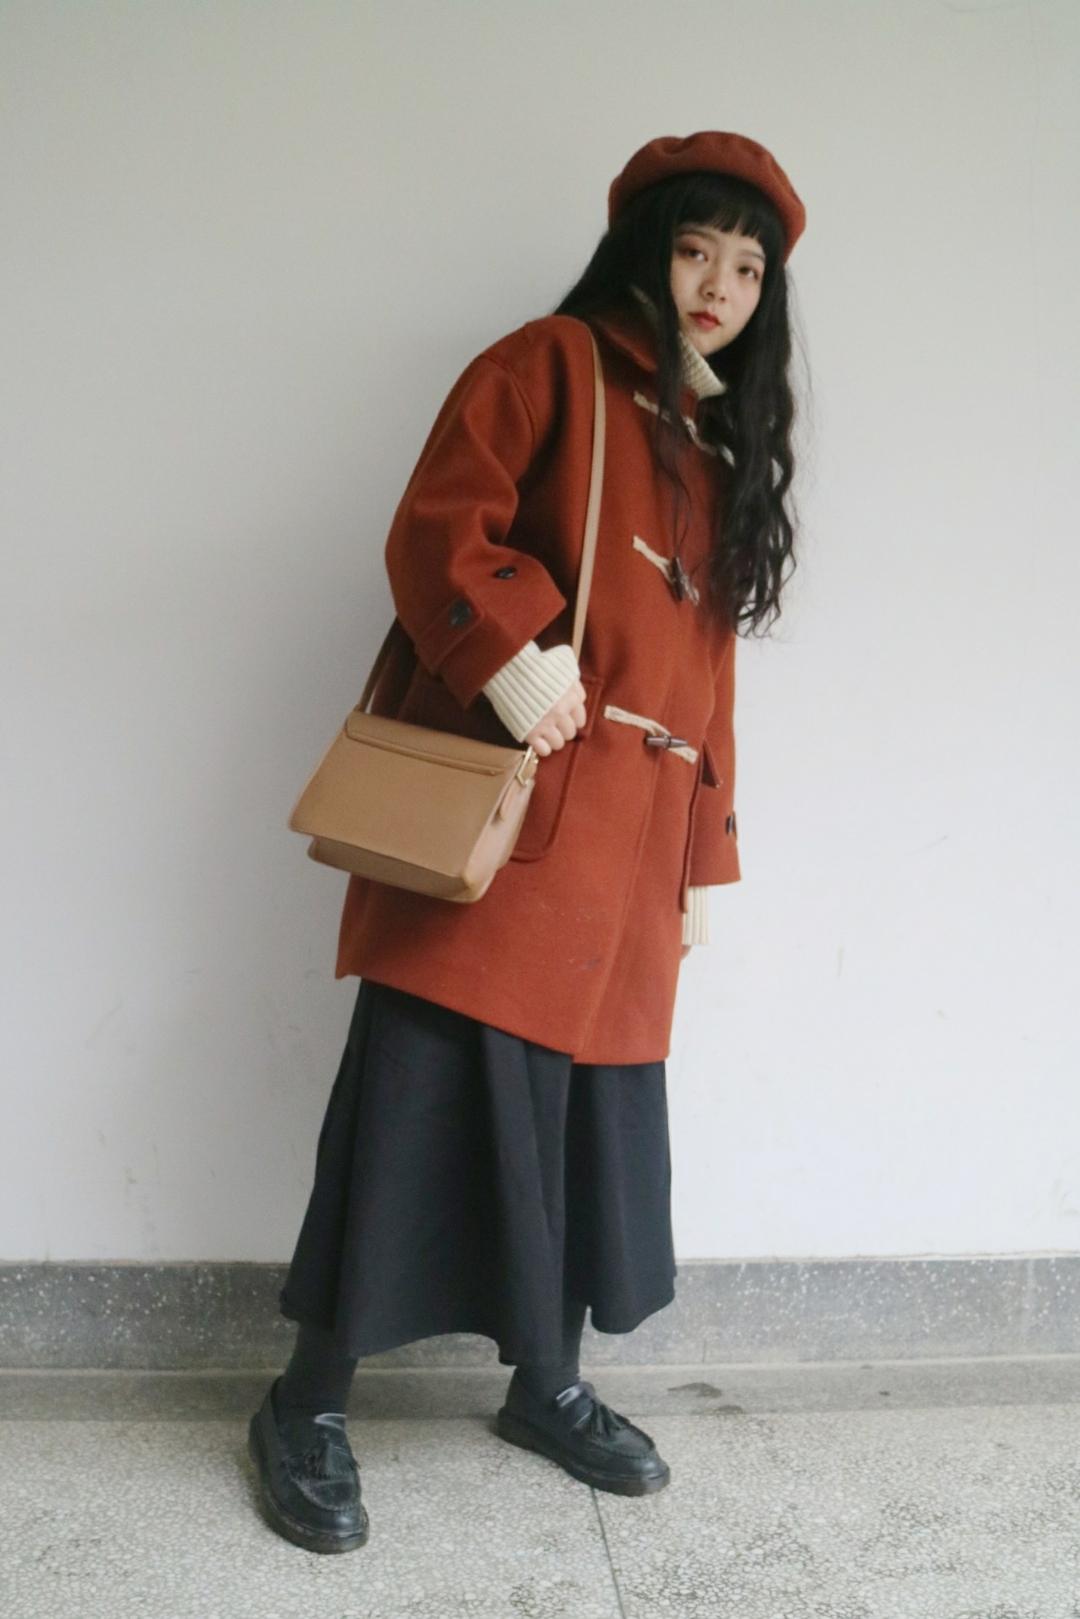 #大衣x高领,闭眼穿出高级感# 砖红色的牛角扣大衣加上米白色高领毛衣显得整个人很温柔呢~再配上半身裙和乐福鞋,小个子女生穿着也不显矮哦